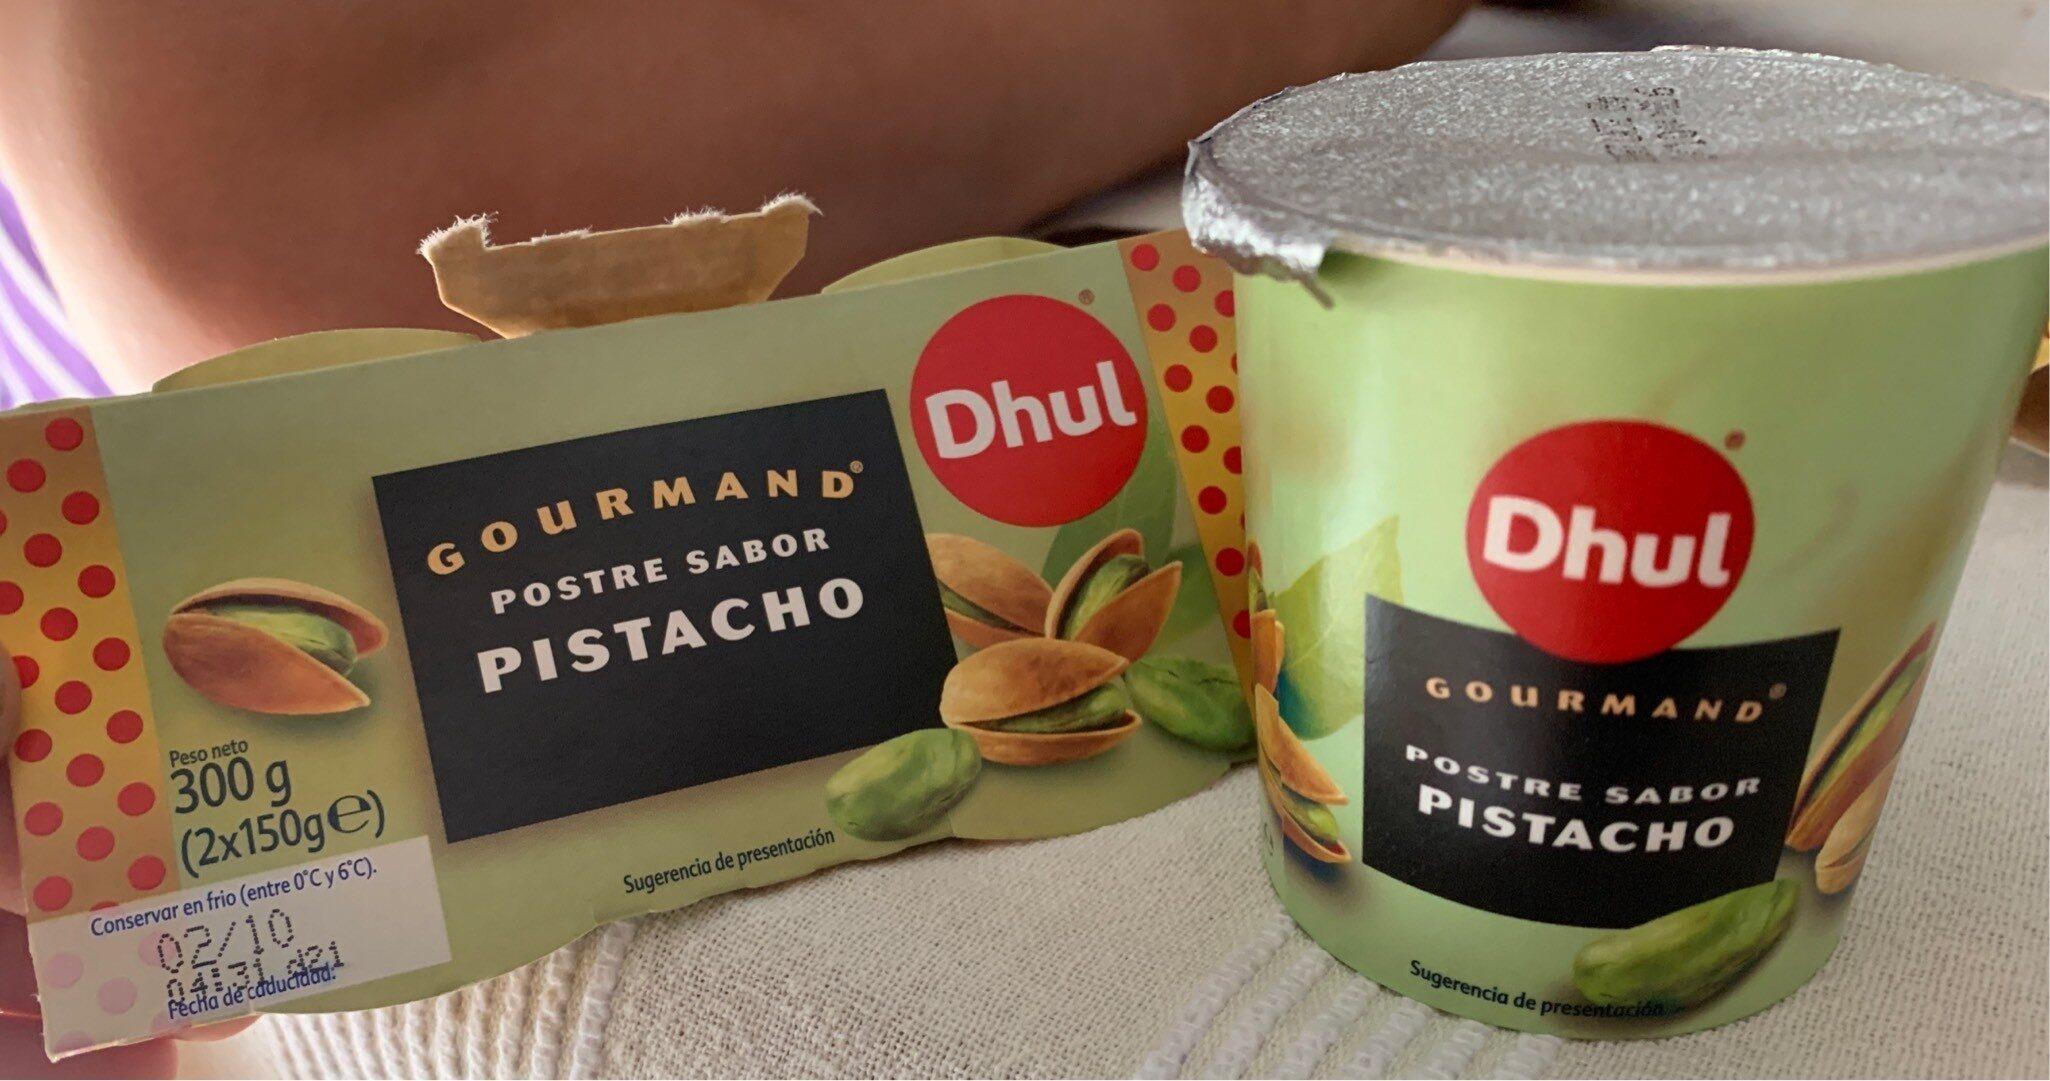 Gourmand pistacho - Producte